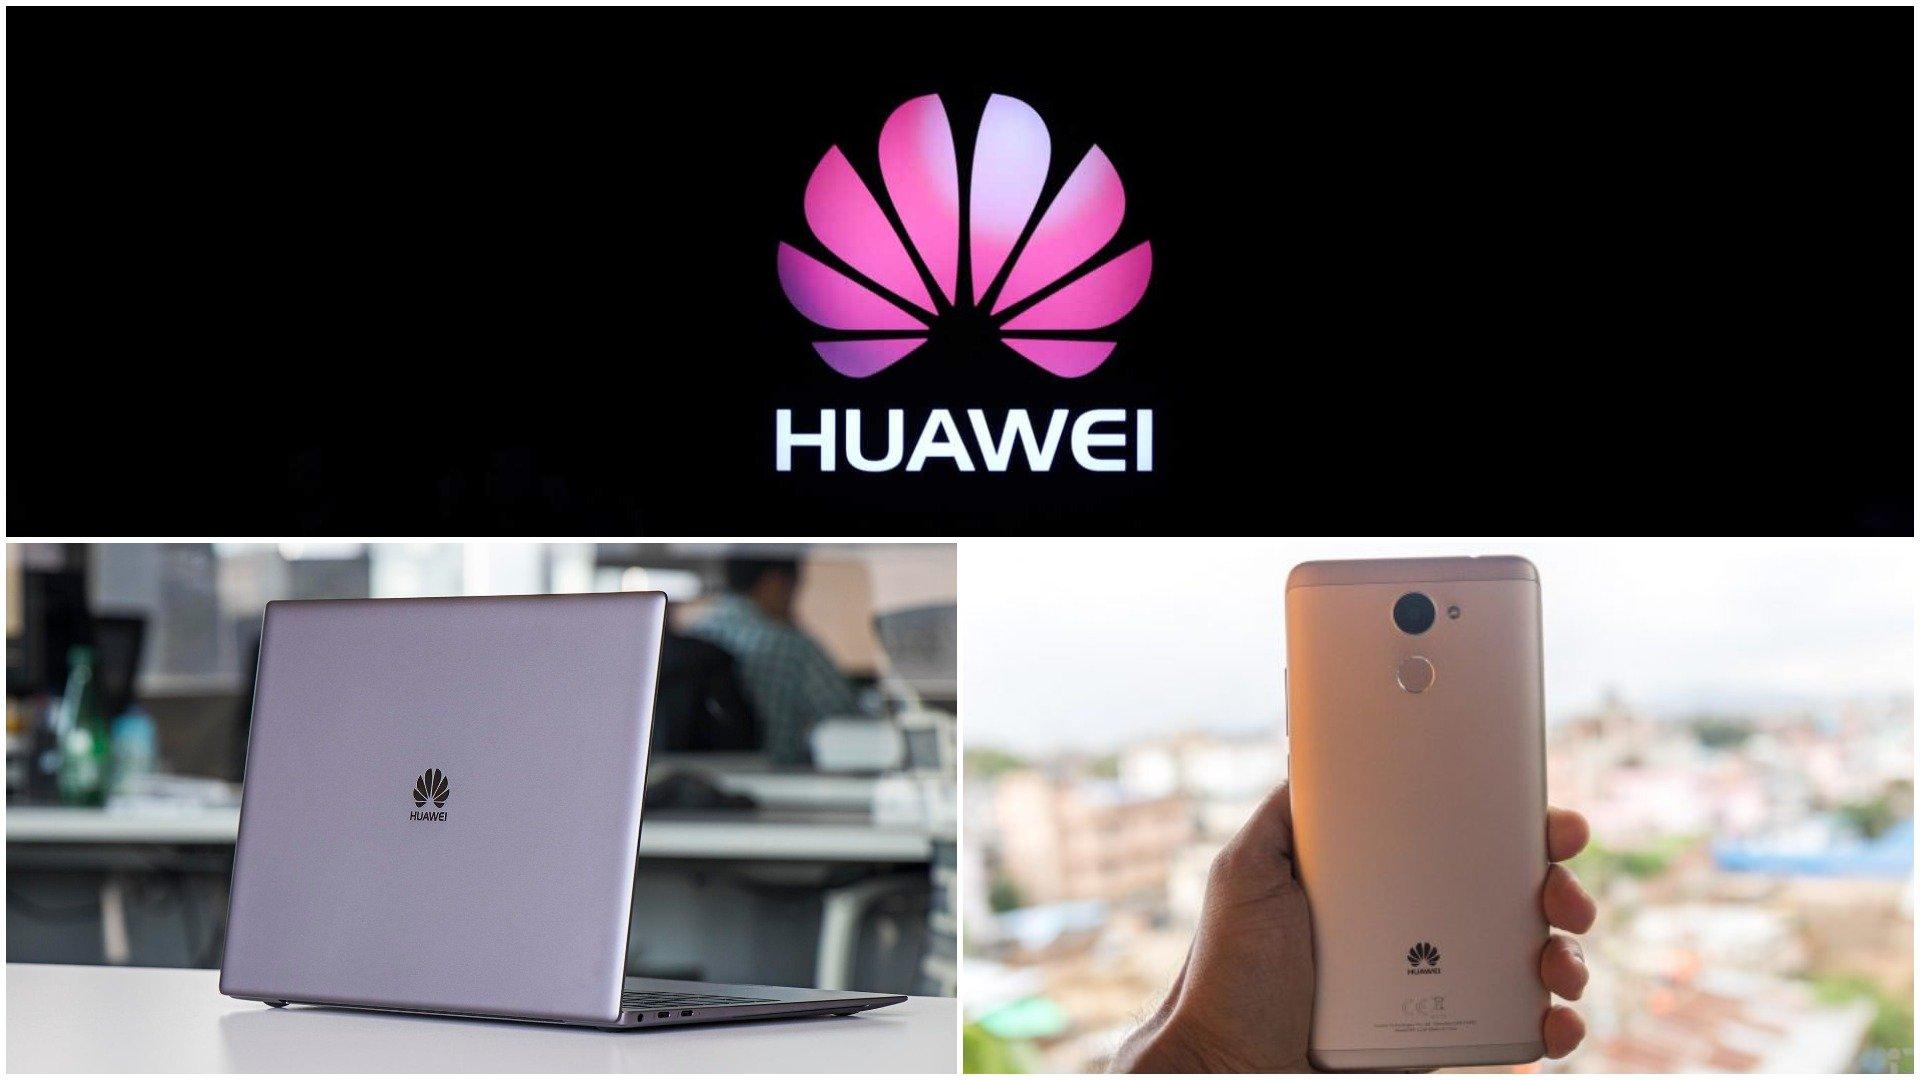 Достойная конкуренция программным продуктам США – миллионы устройств получили ОС Huawei